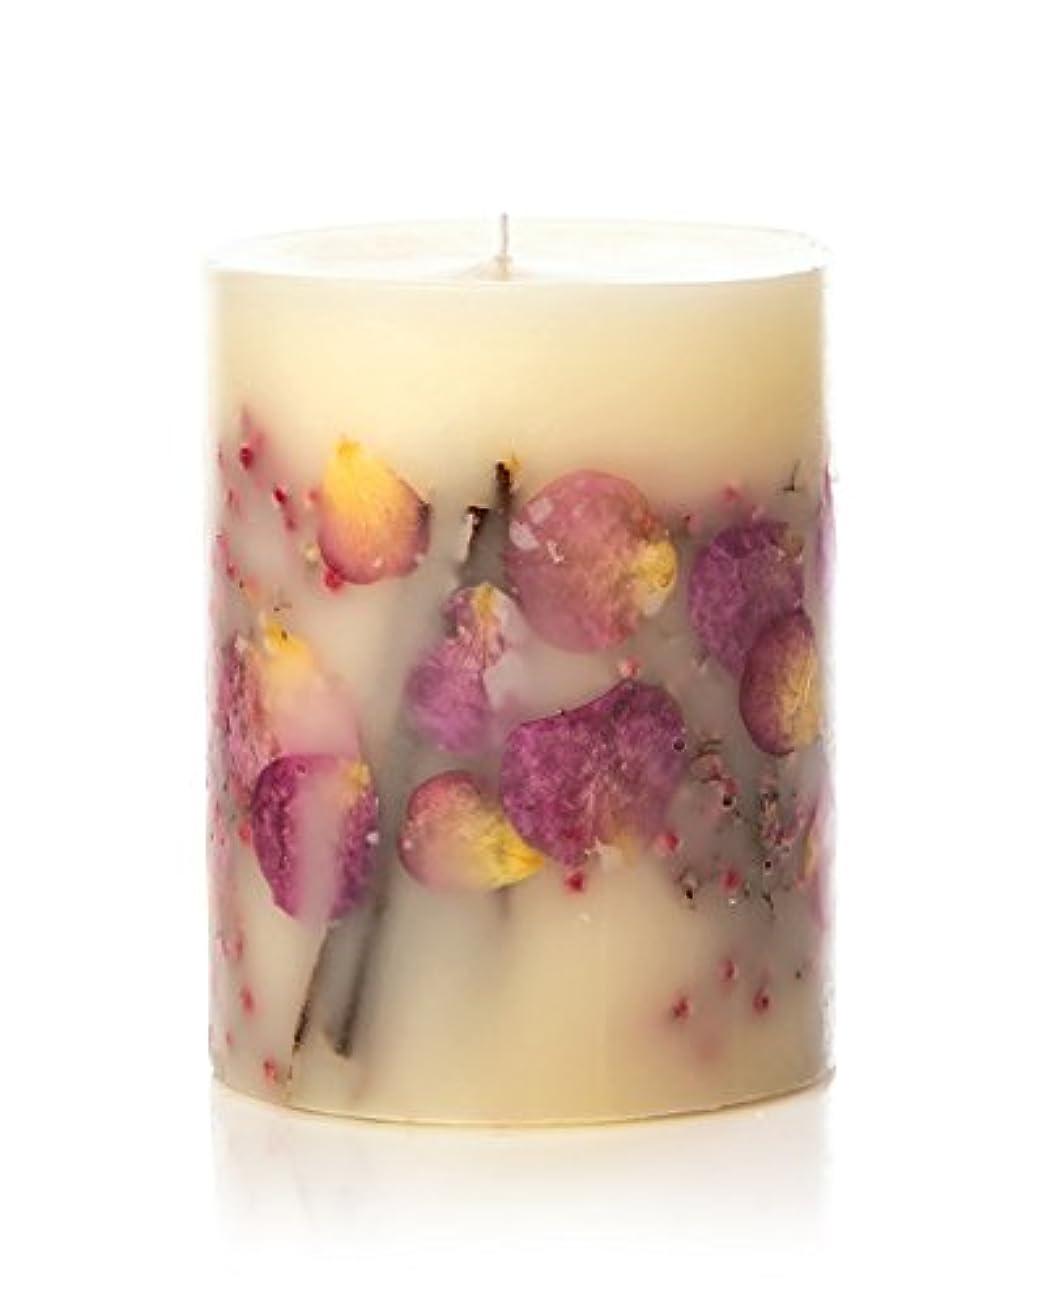 腹部厄介なスラダムロージーリングス ボタニカルキャンドル ビッグラウンド アプリコット&ローズ ROSY RINGS Round Botanical Candle Big Round – Apricot Rose